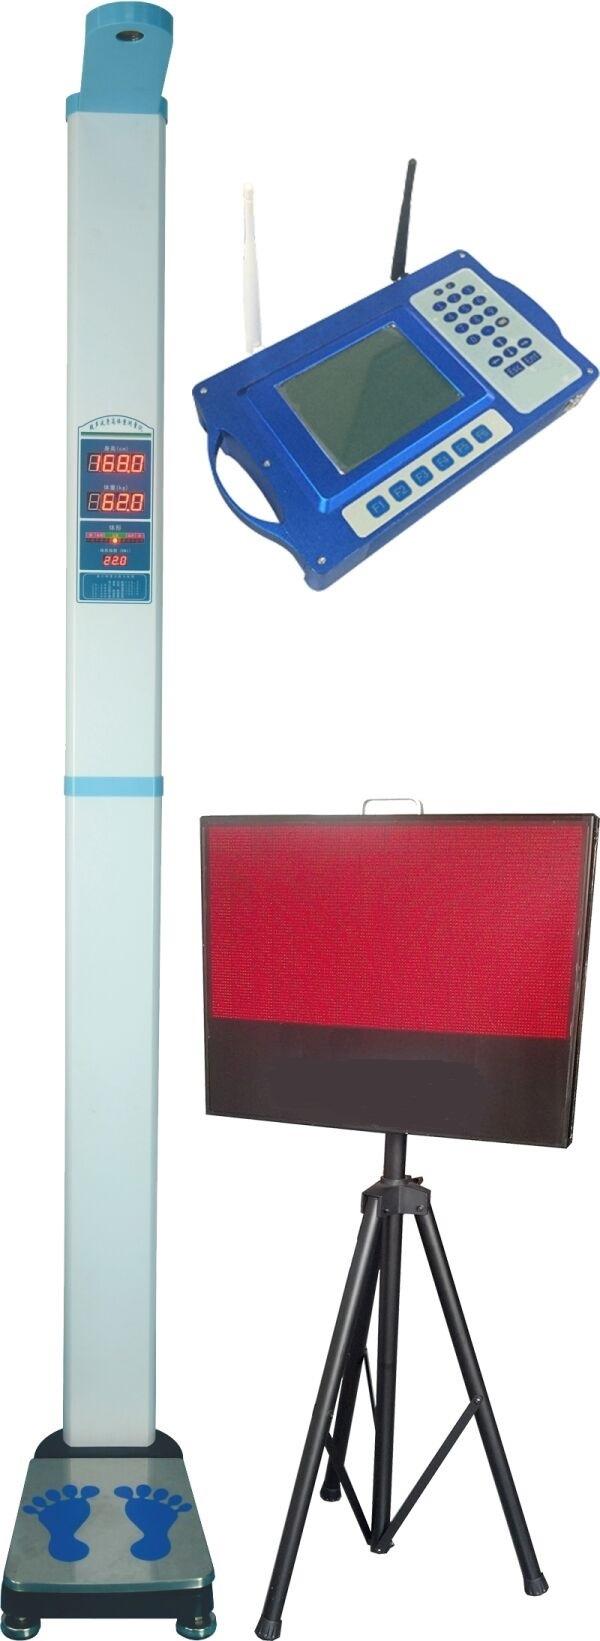 無線智能身高體重測試儀